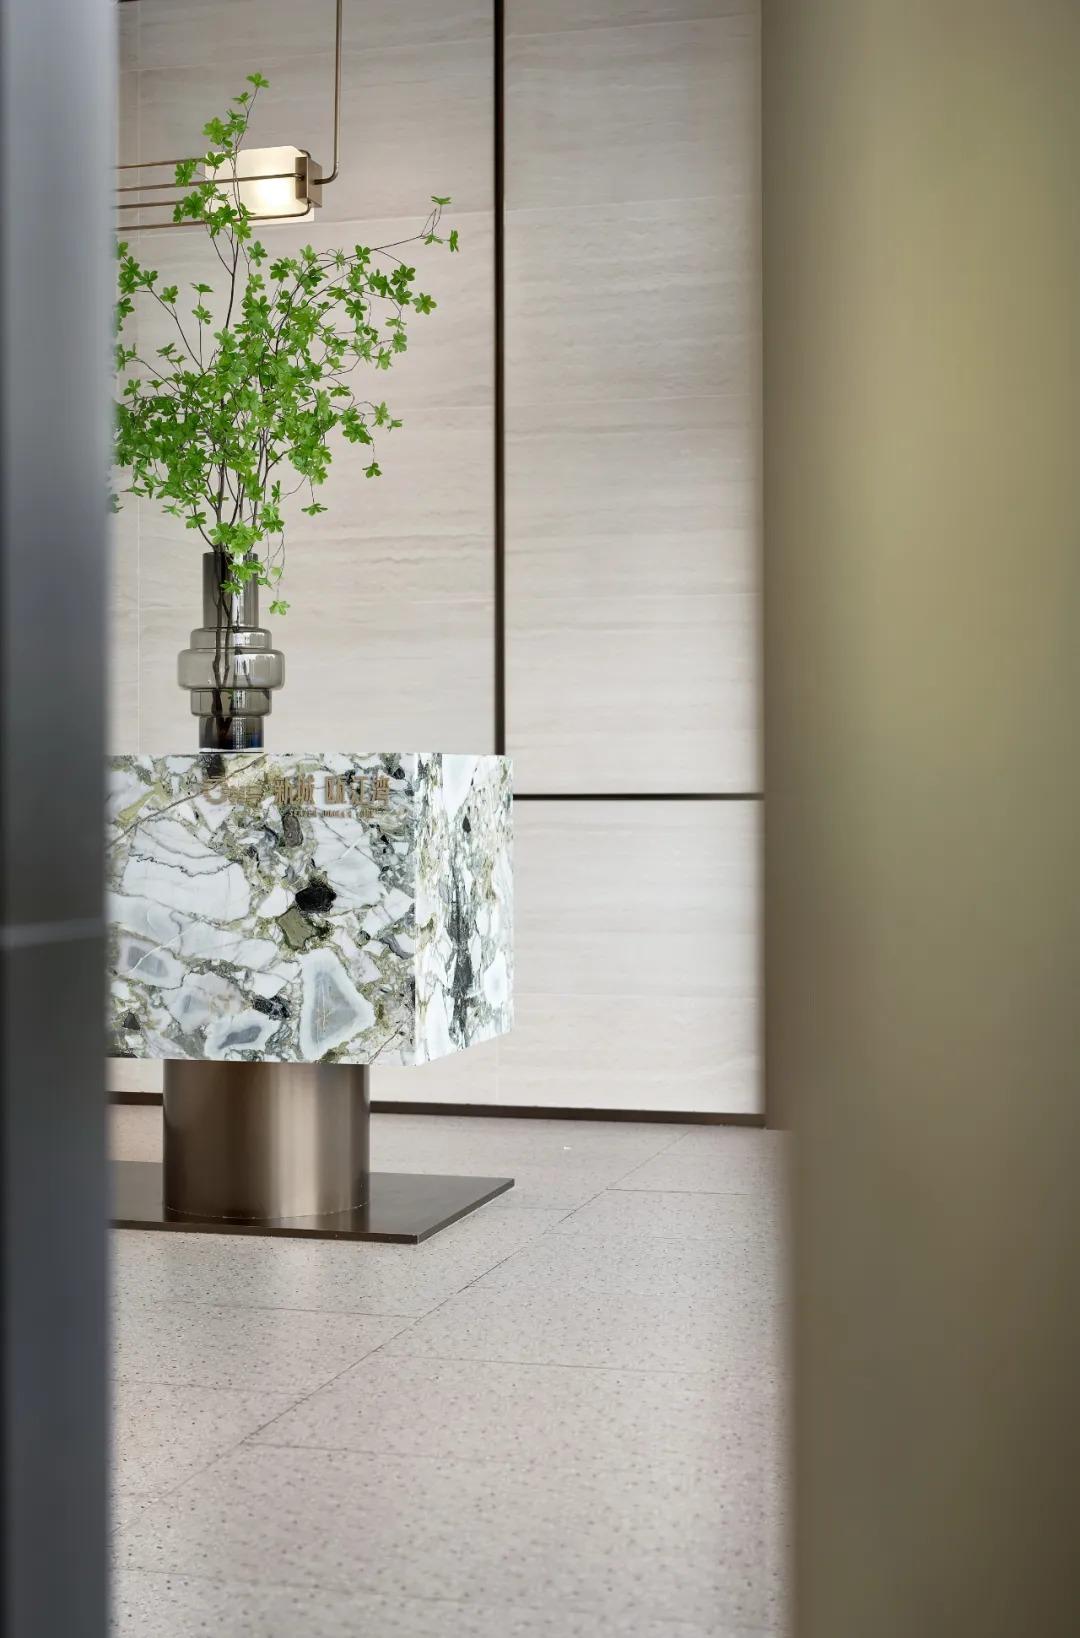 温州 新城 · 瓯江湾 体验中心 室内设计  / 牧笛设计